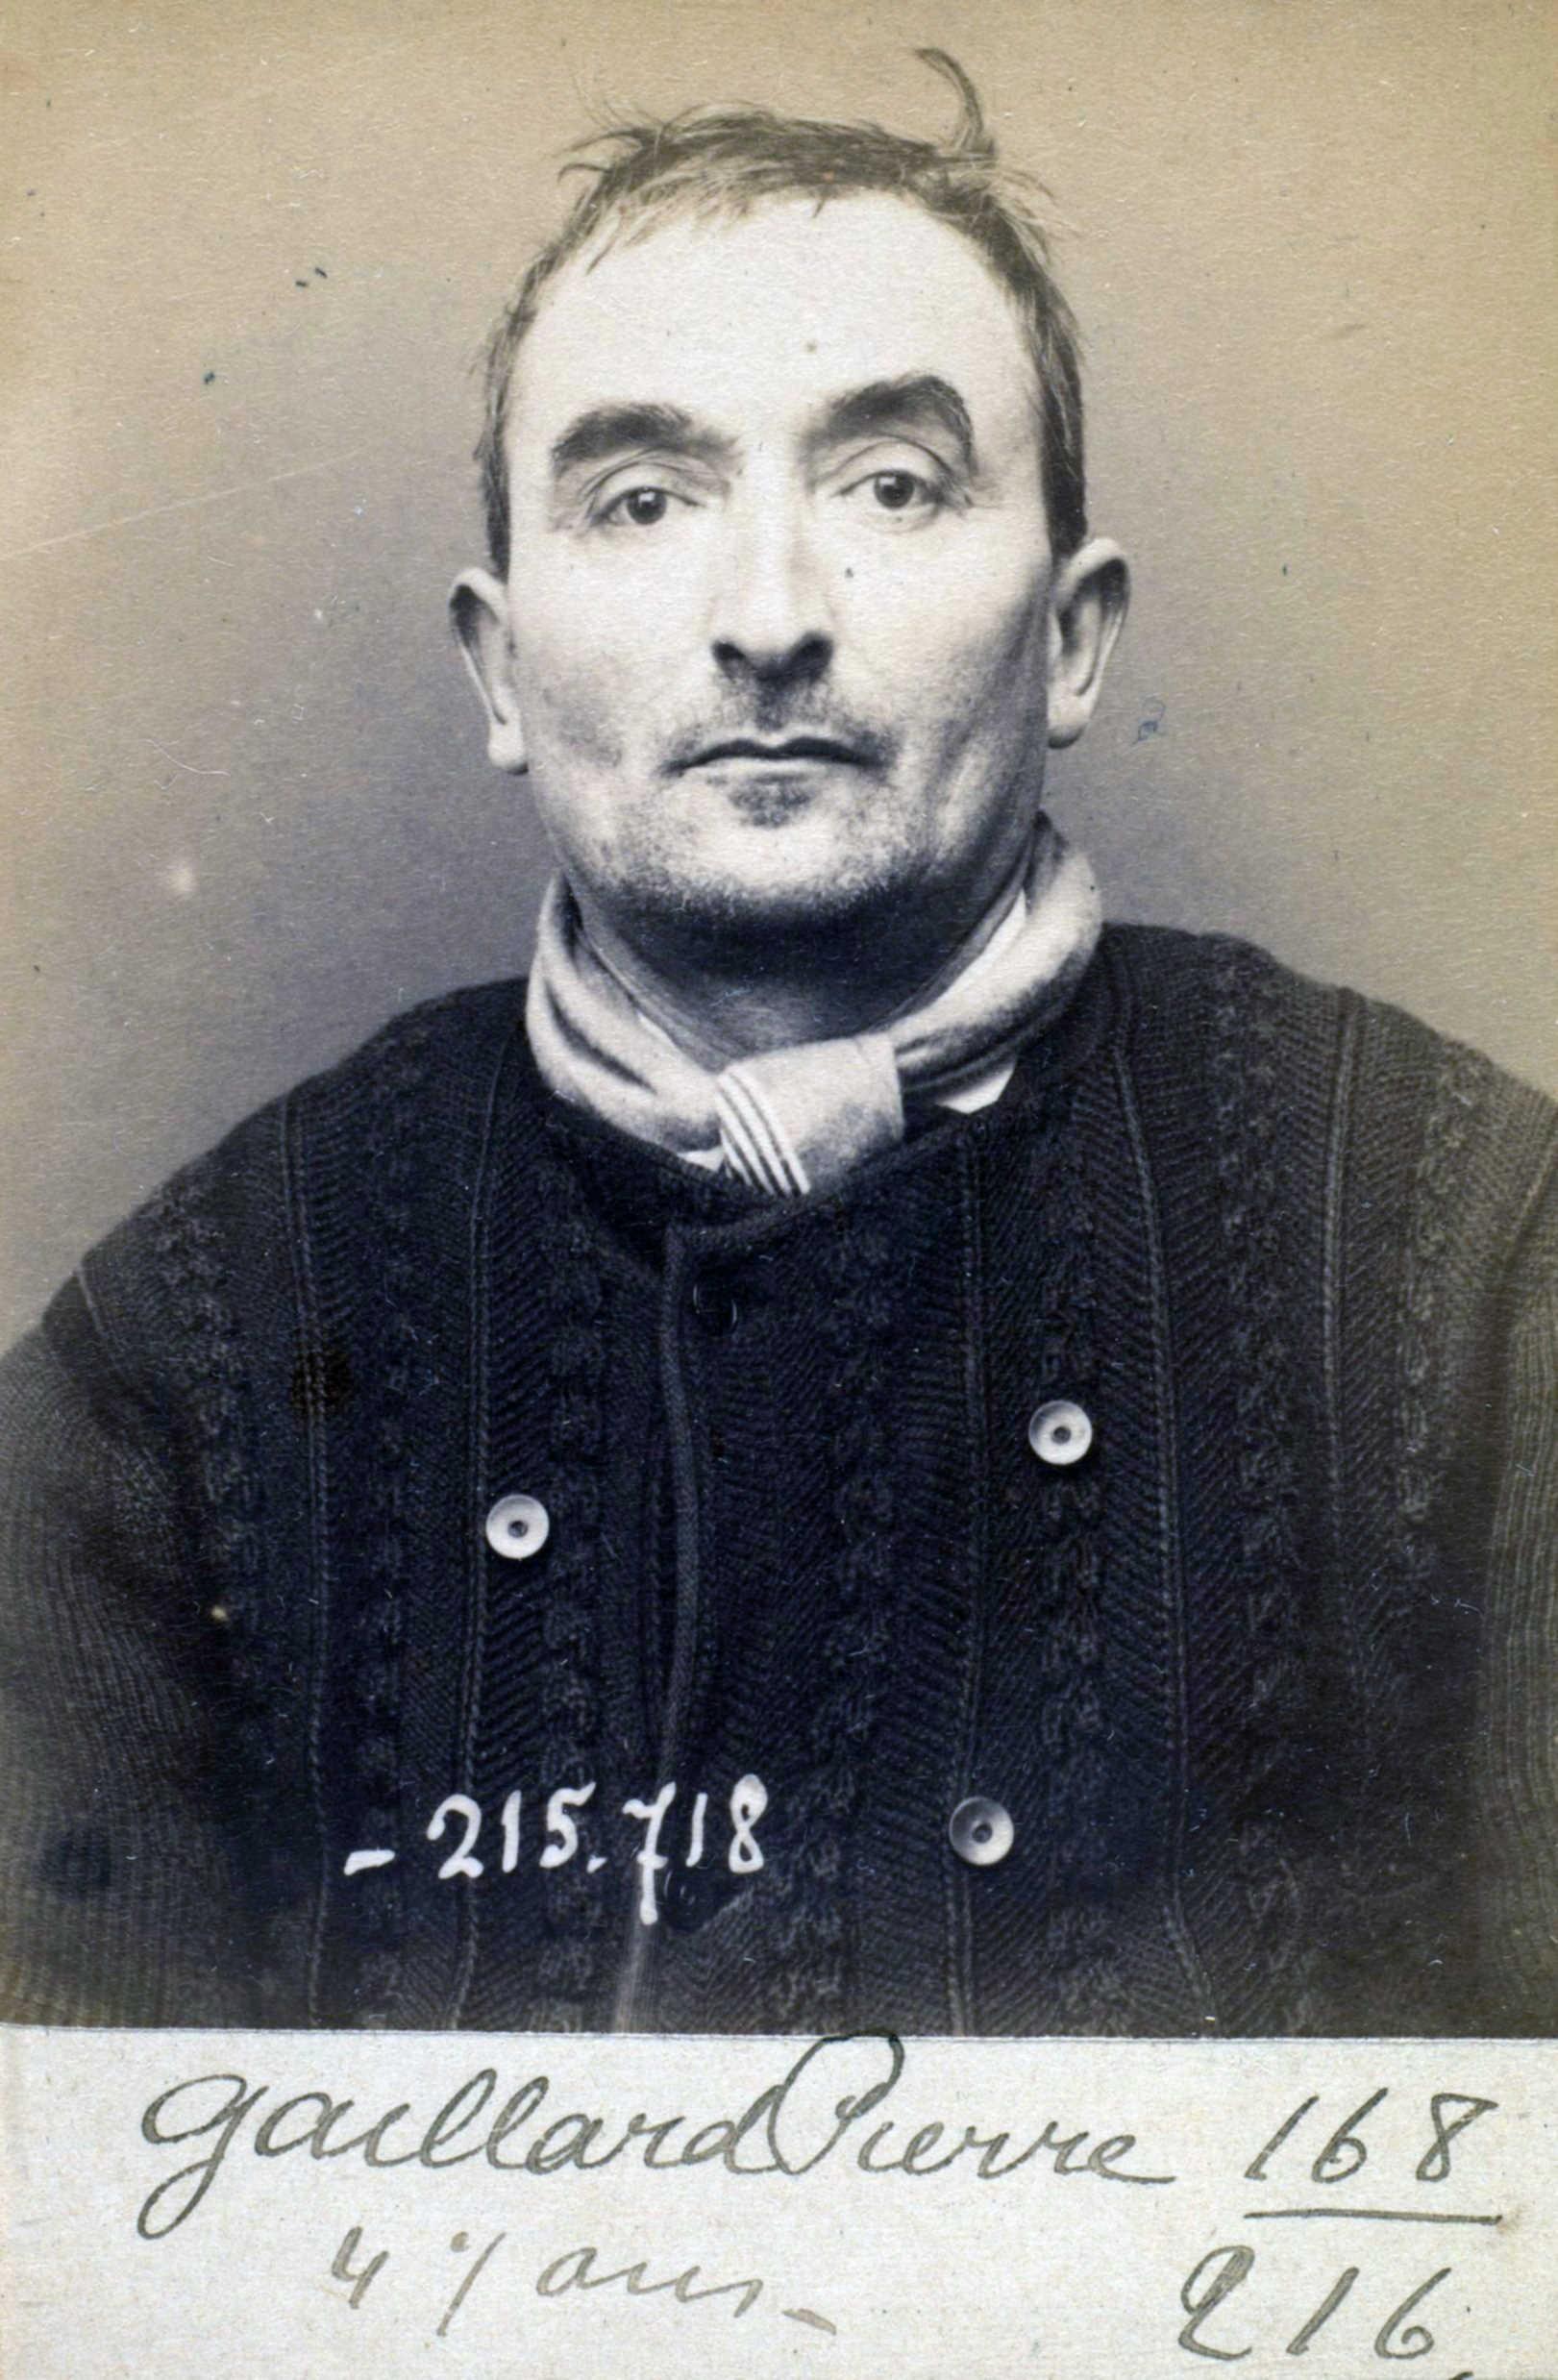 Foto policíaca de Pierre Gaillard (15 de març de 1894)